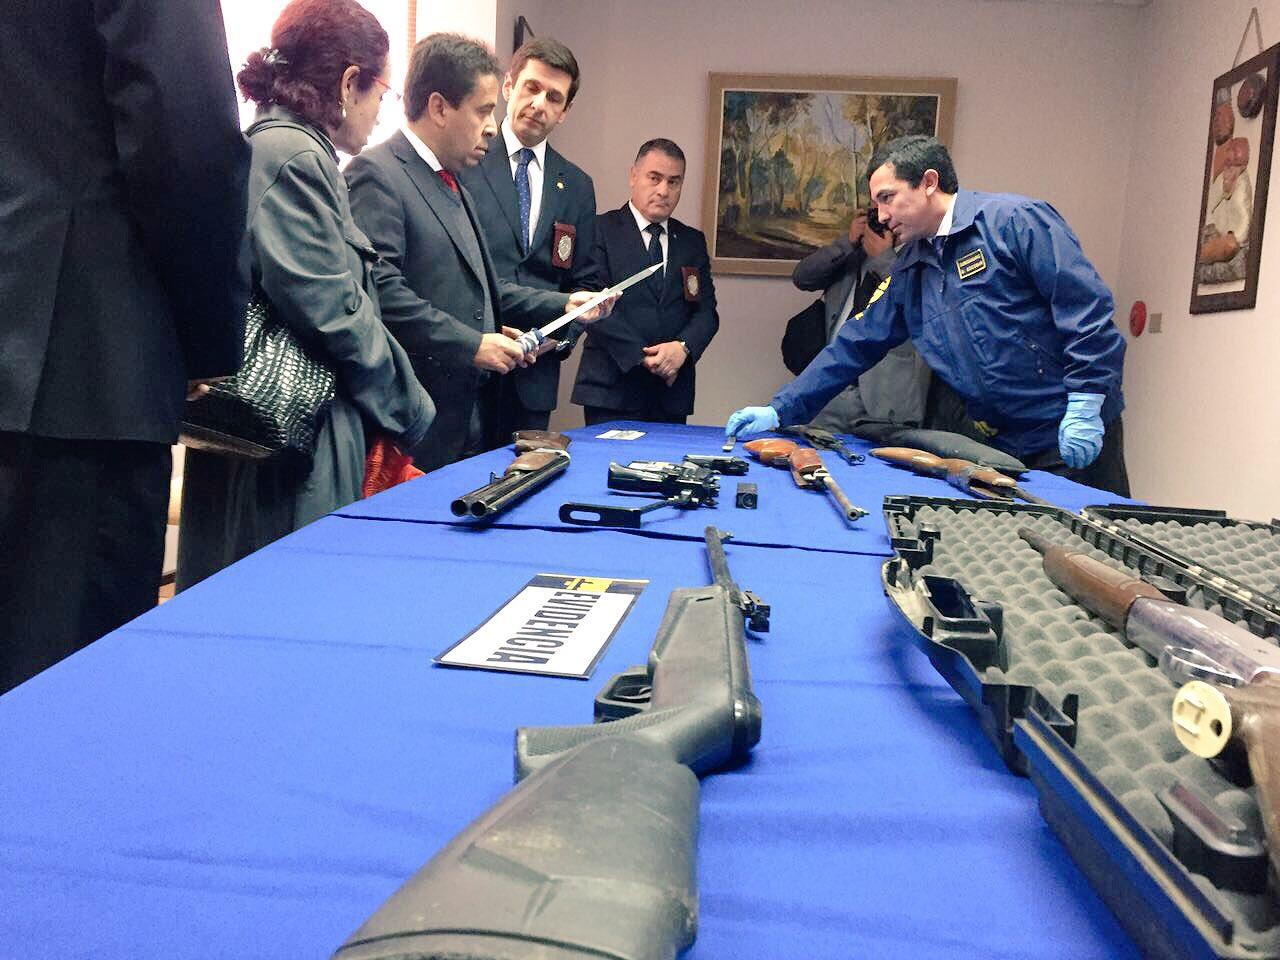 INTENDENTE DESTACA LA COORDINACIÓN DE SEGURIDAD PERMANENTE TRAS DECOMISO DE ARMAS Y DROGAS QUE REALIZÓ LA PDI EN VALLENAR